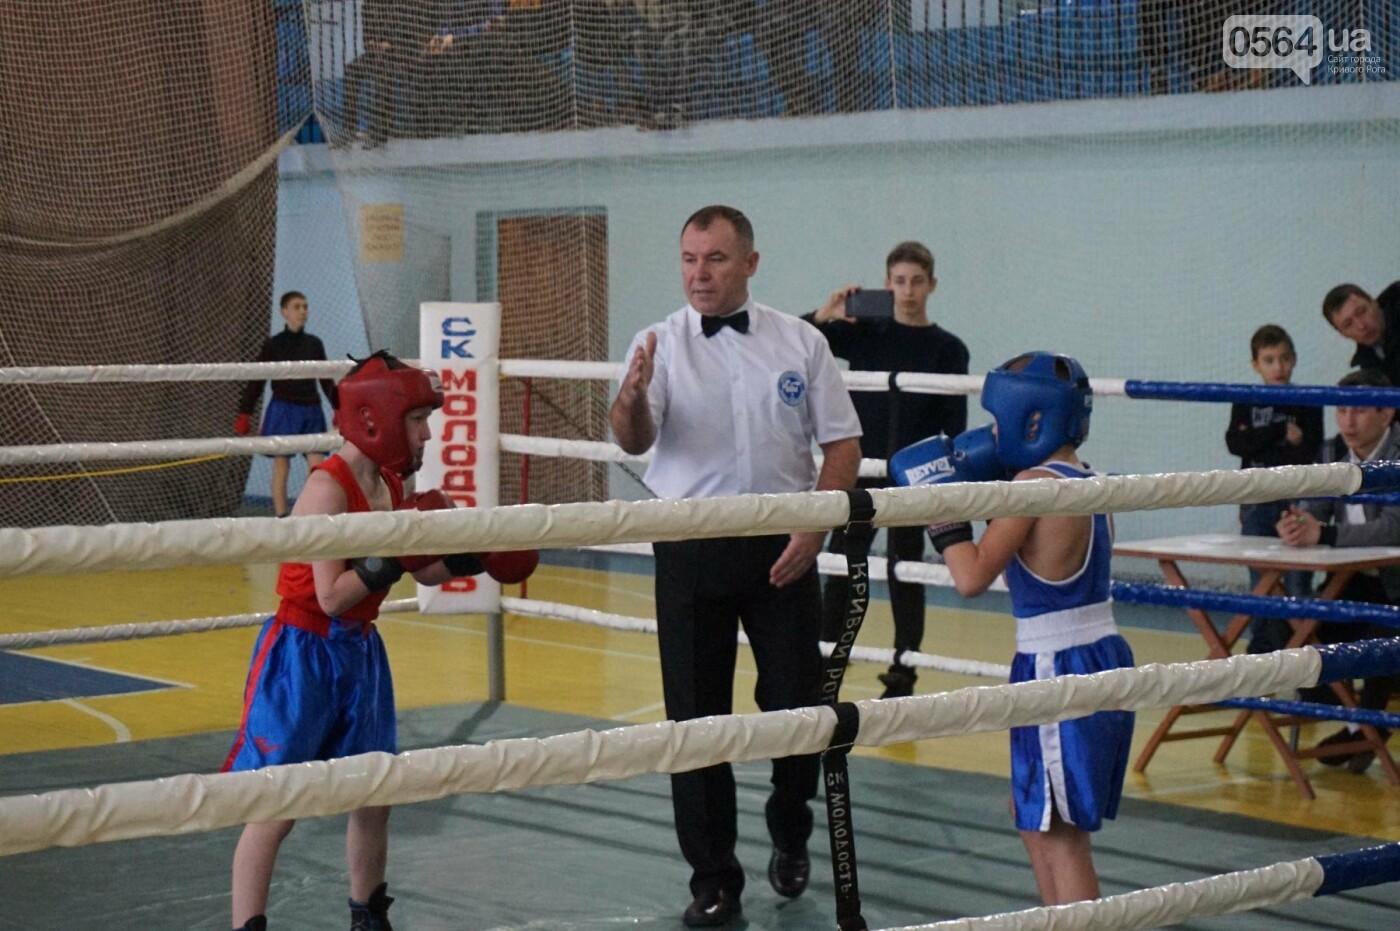 В Кривом Роге состоялся Международный турнир по боксу (ФОТО, ВИДЕО), фото-52